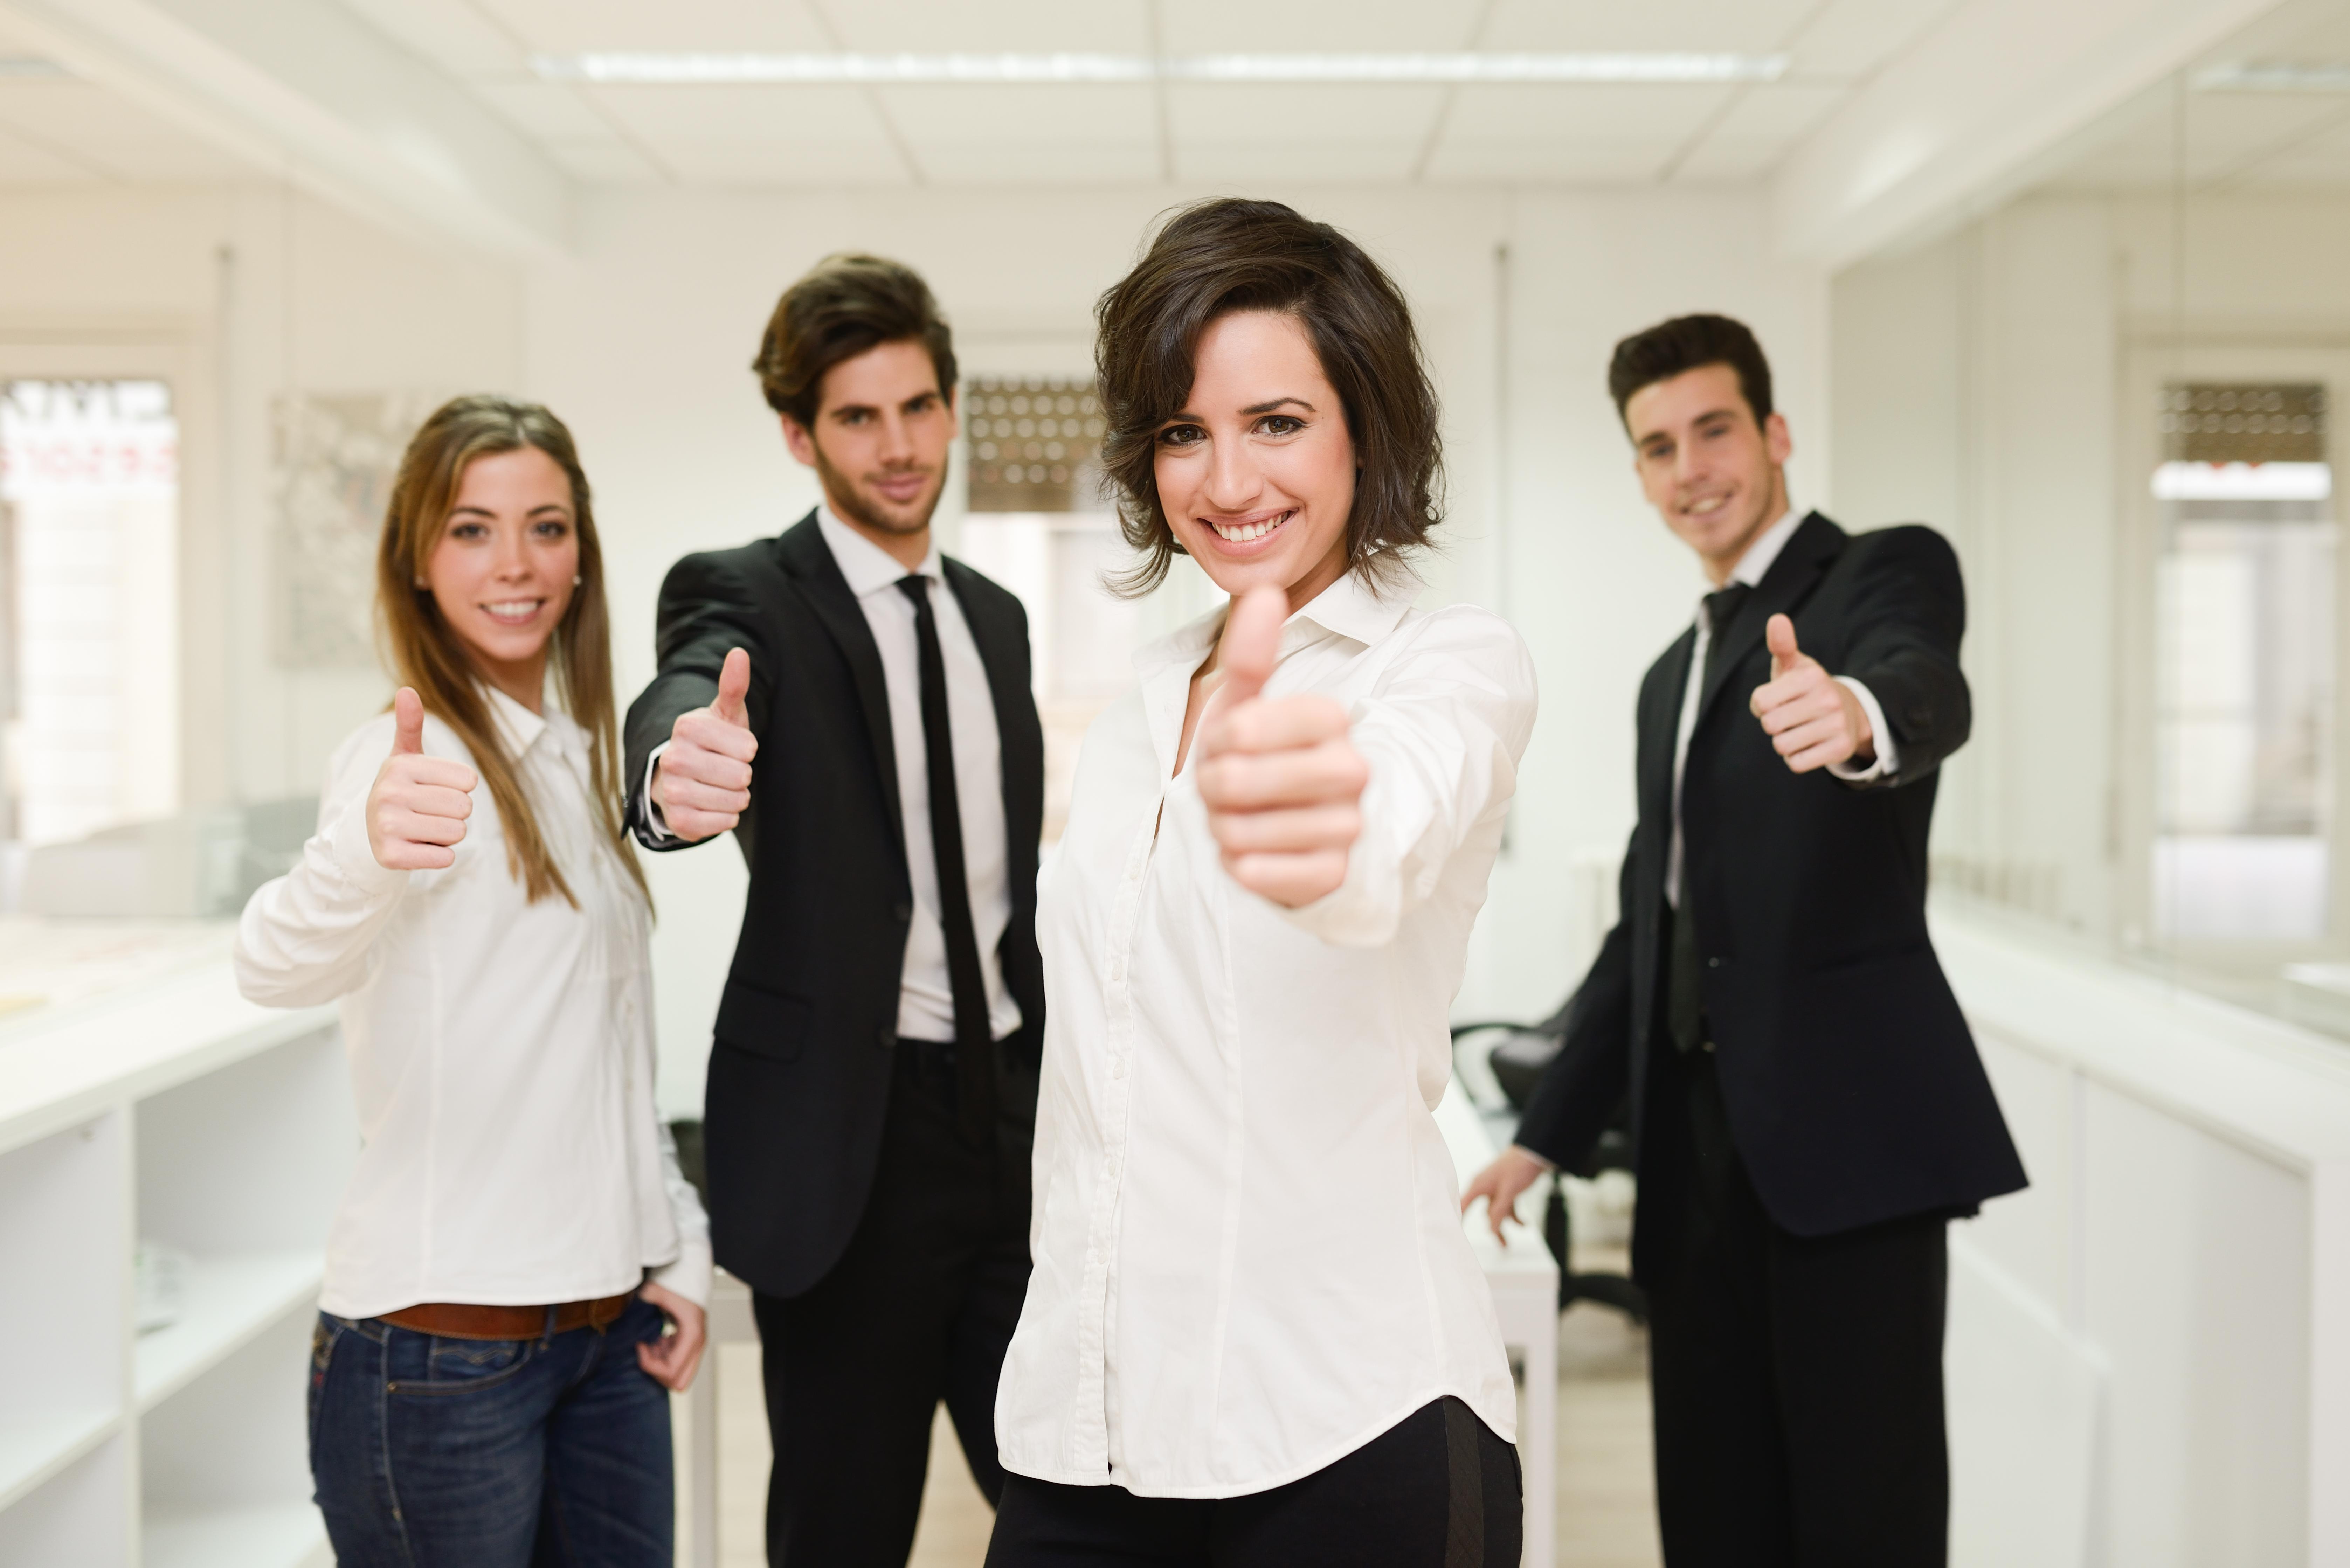 minhas 5 dicas práticas para você falir seu negócio